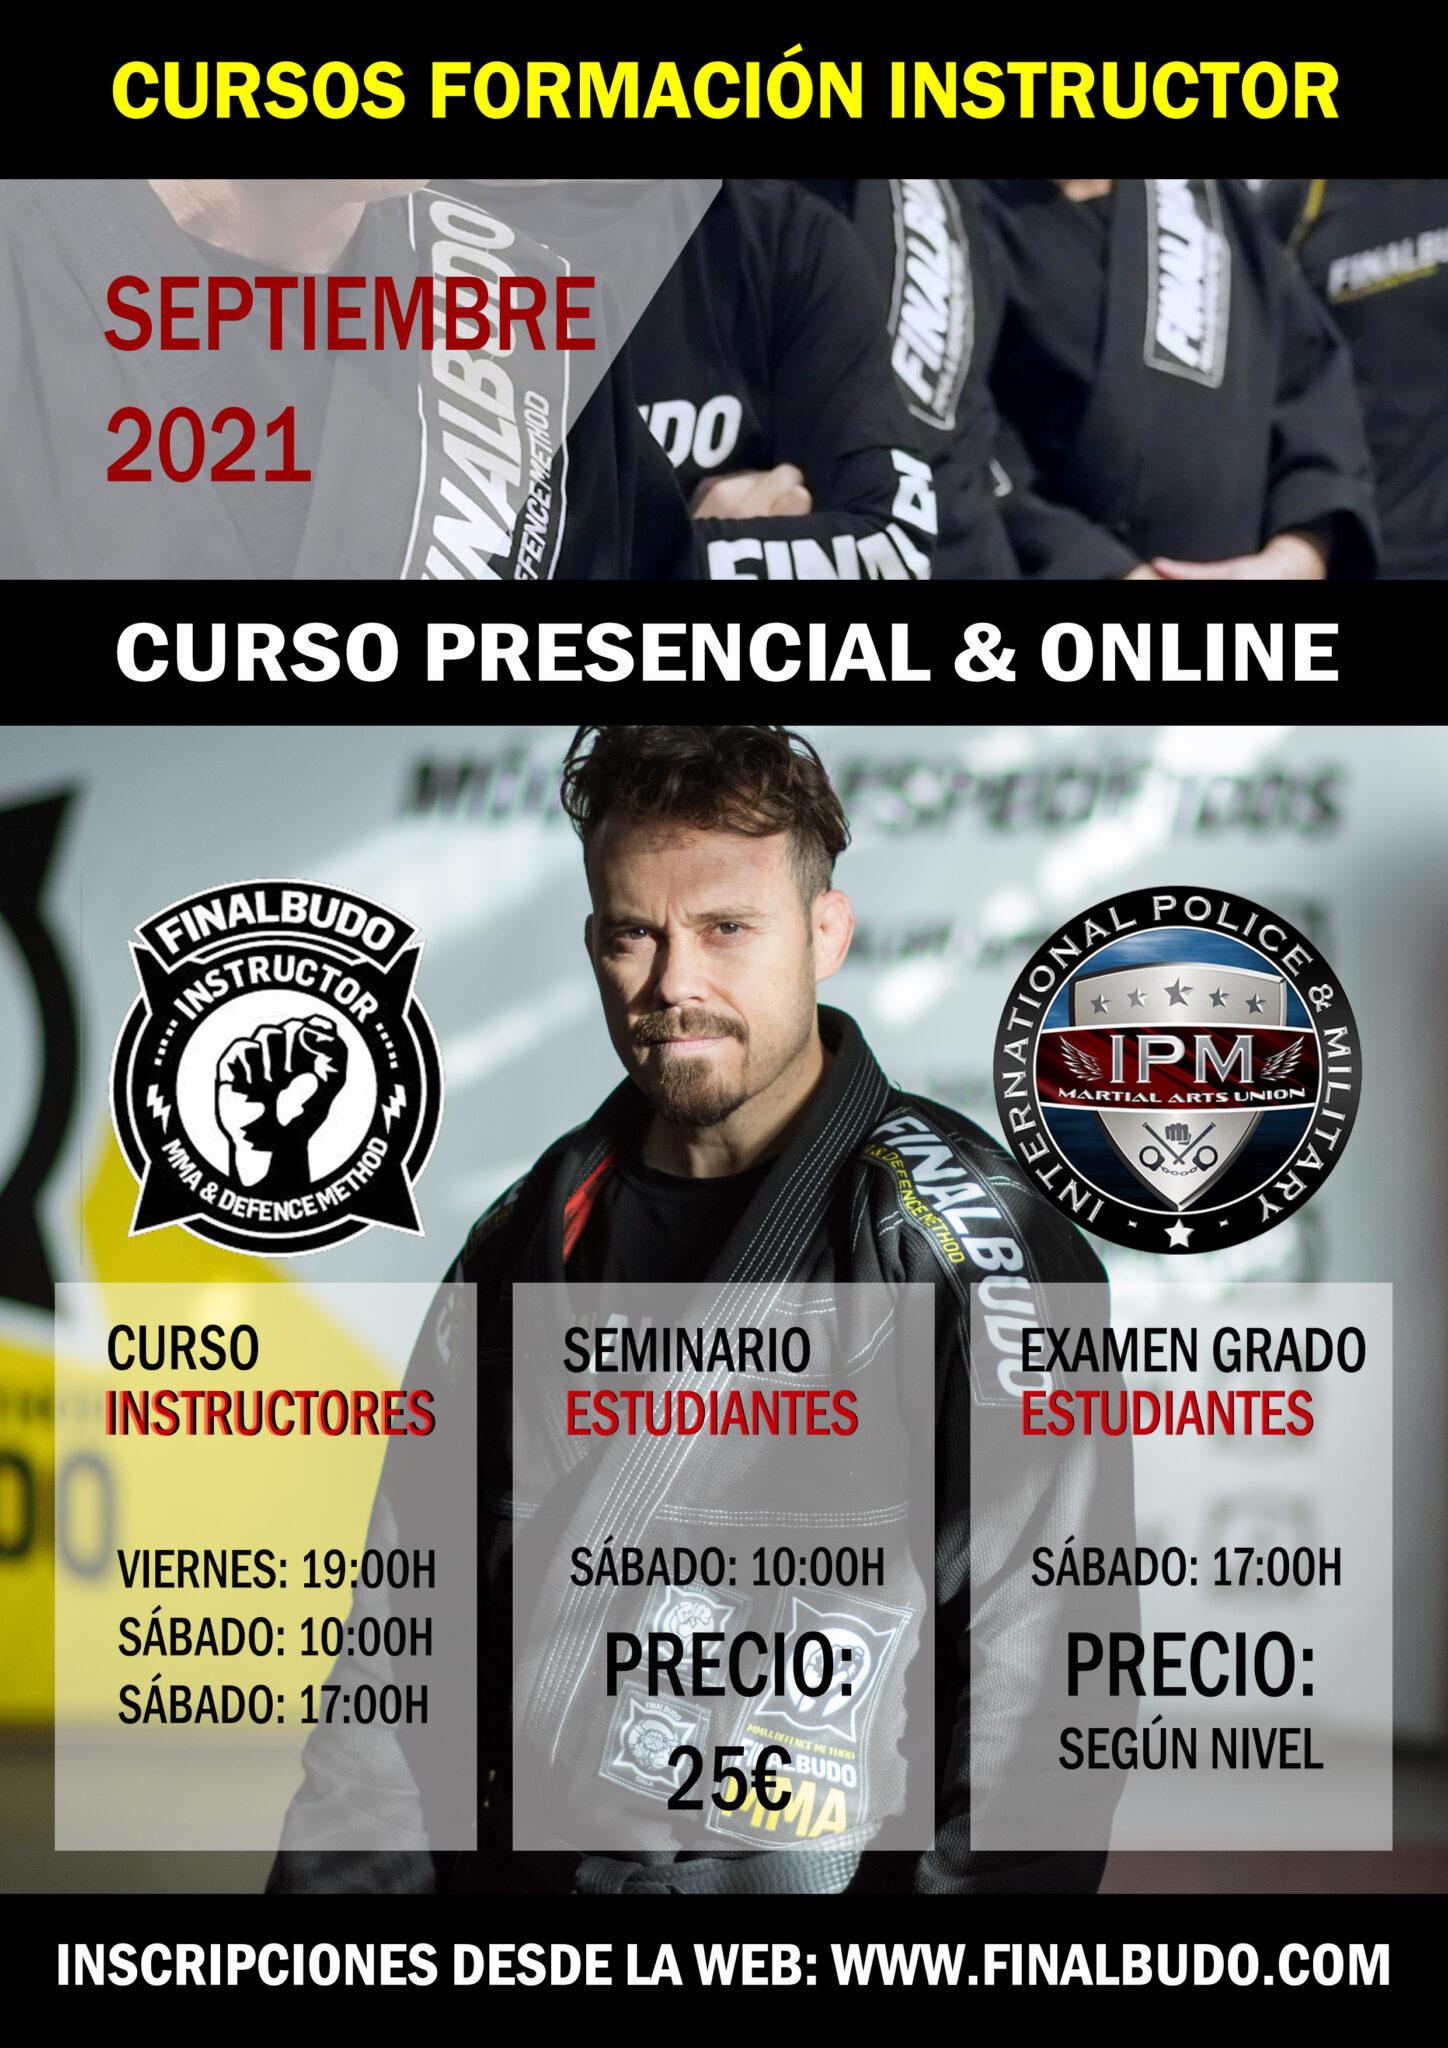 DEPARTAMENTO FINALBUDO MMA & DEFENCE METHOD ROLAND MADRID